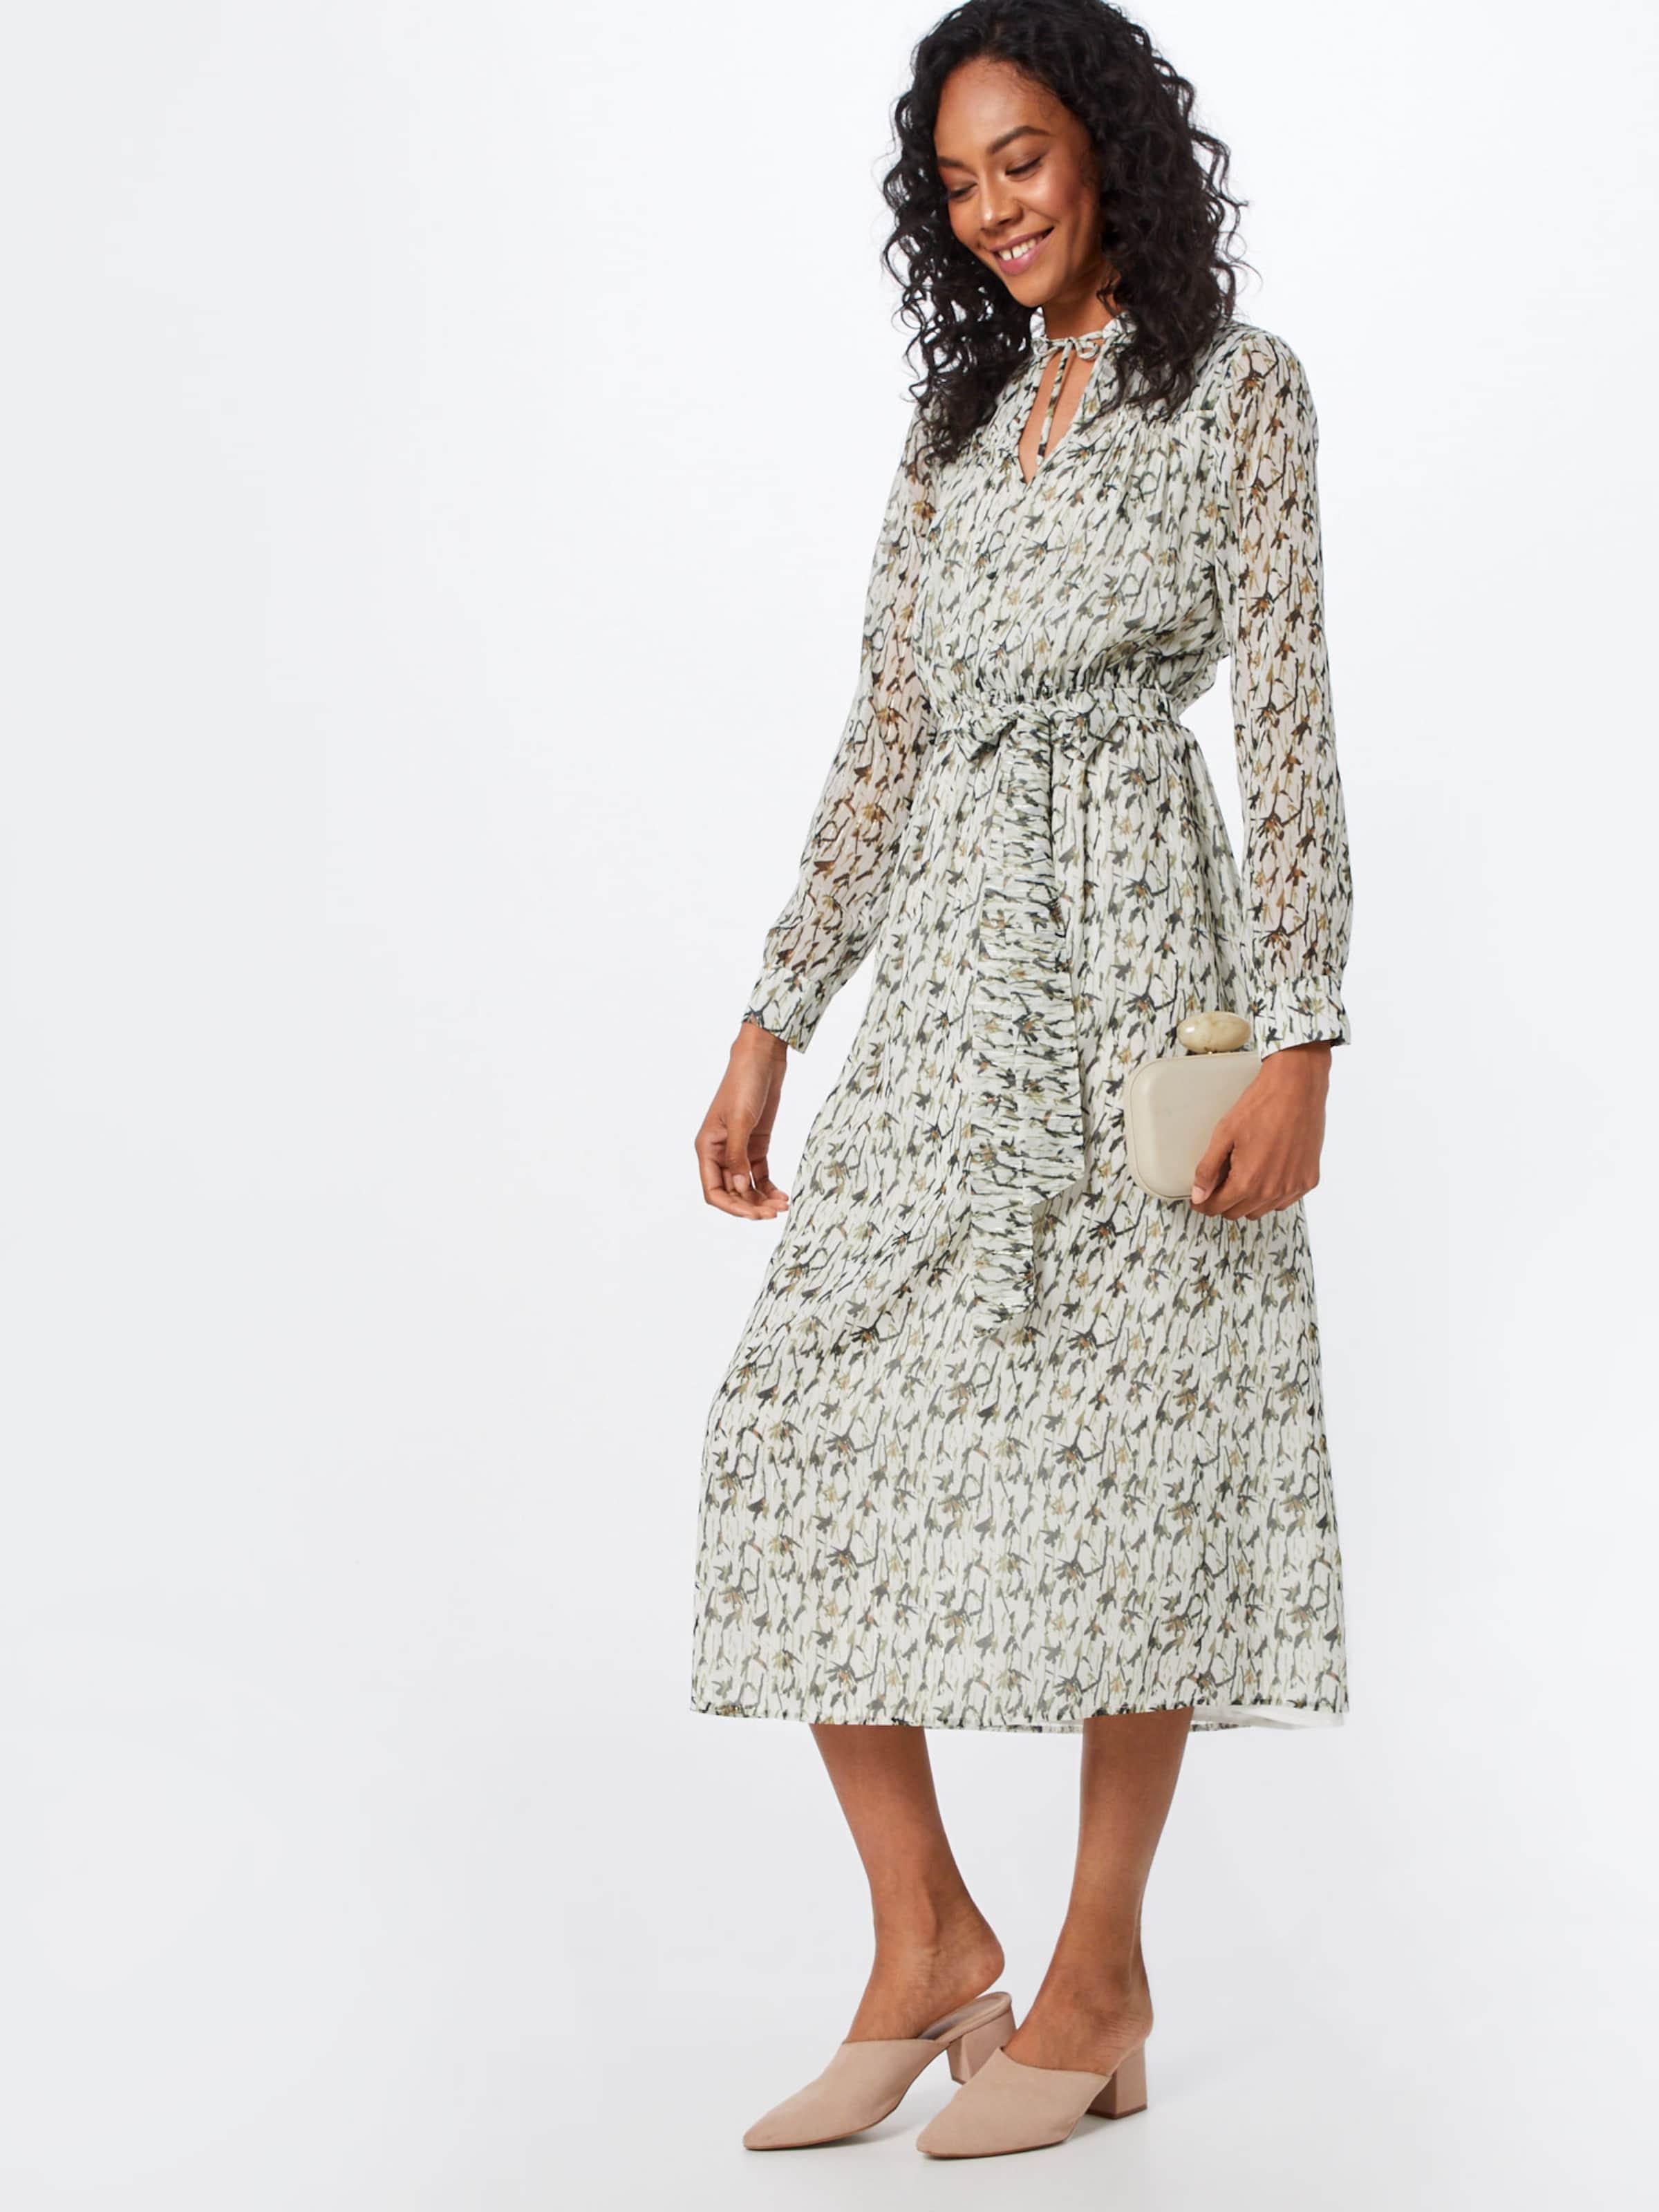 Kleid AnthrazitWeiß AnthrazitWeiß Freebird Kleid Freebird Kleid In Freebird In WIED29eHY